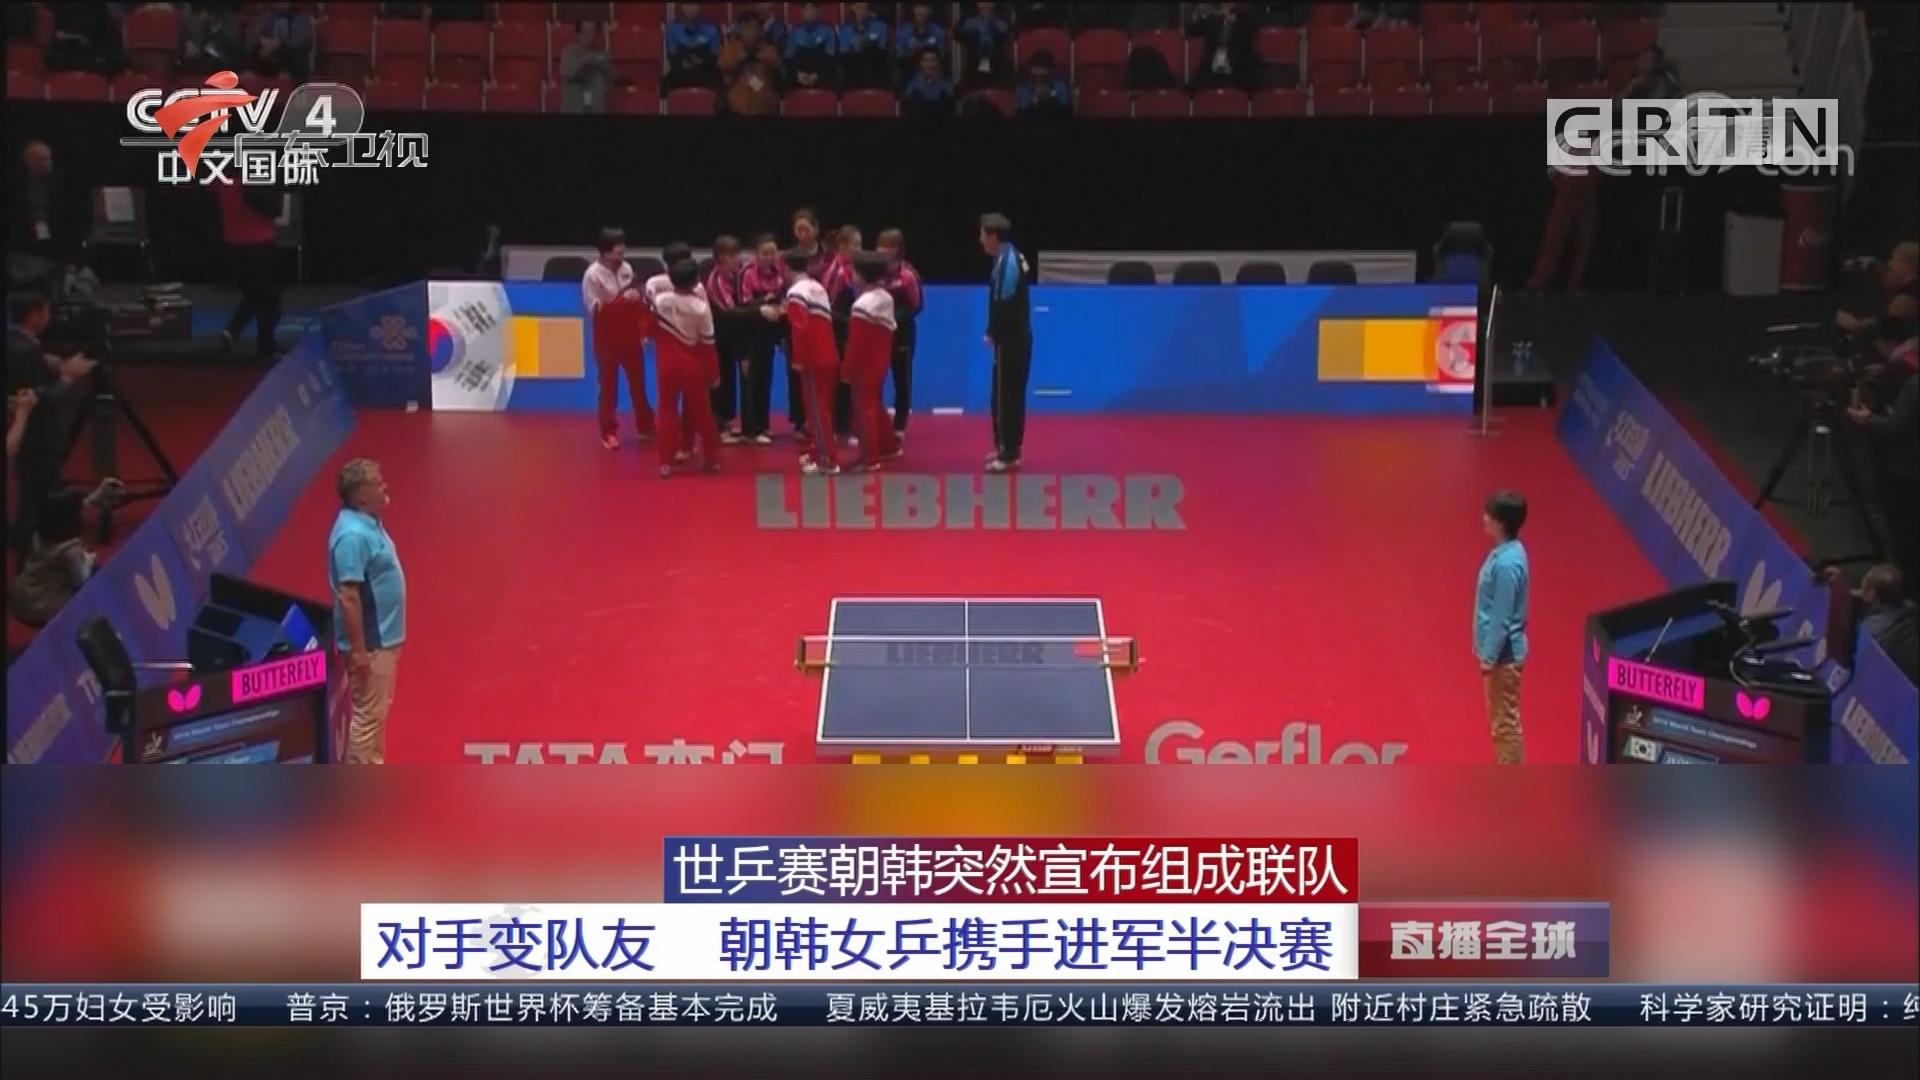 世乒赛朝韩突然宣布组成联队 对手变队友 朝韩女乒携手进军半决赛